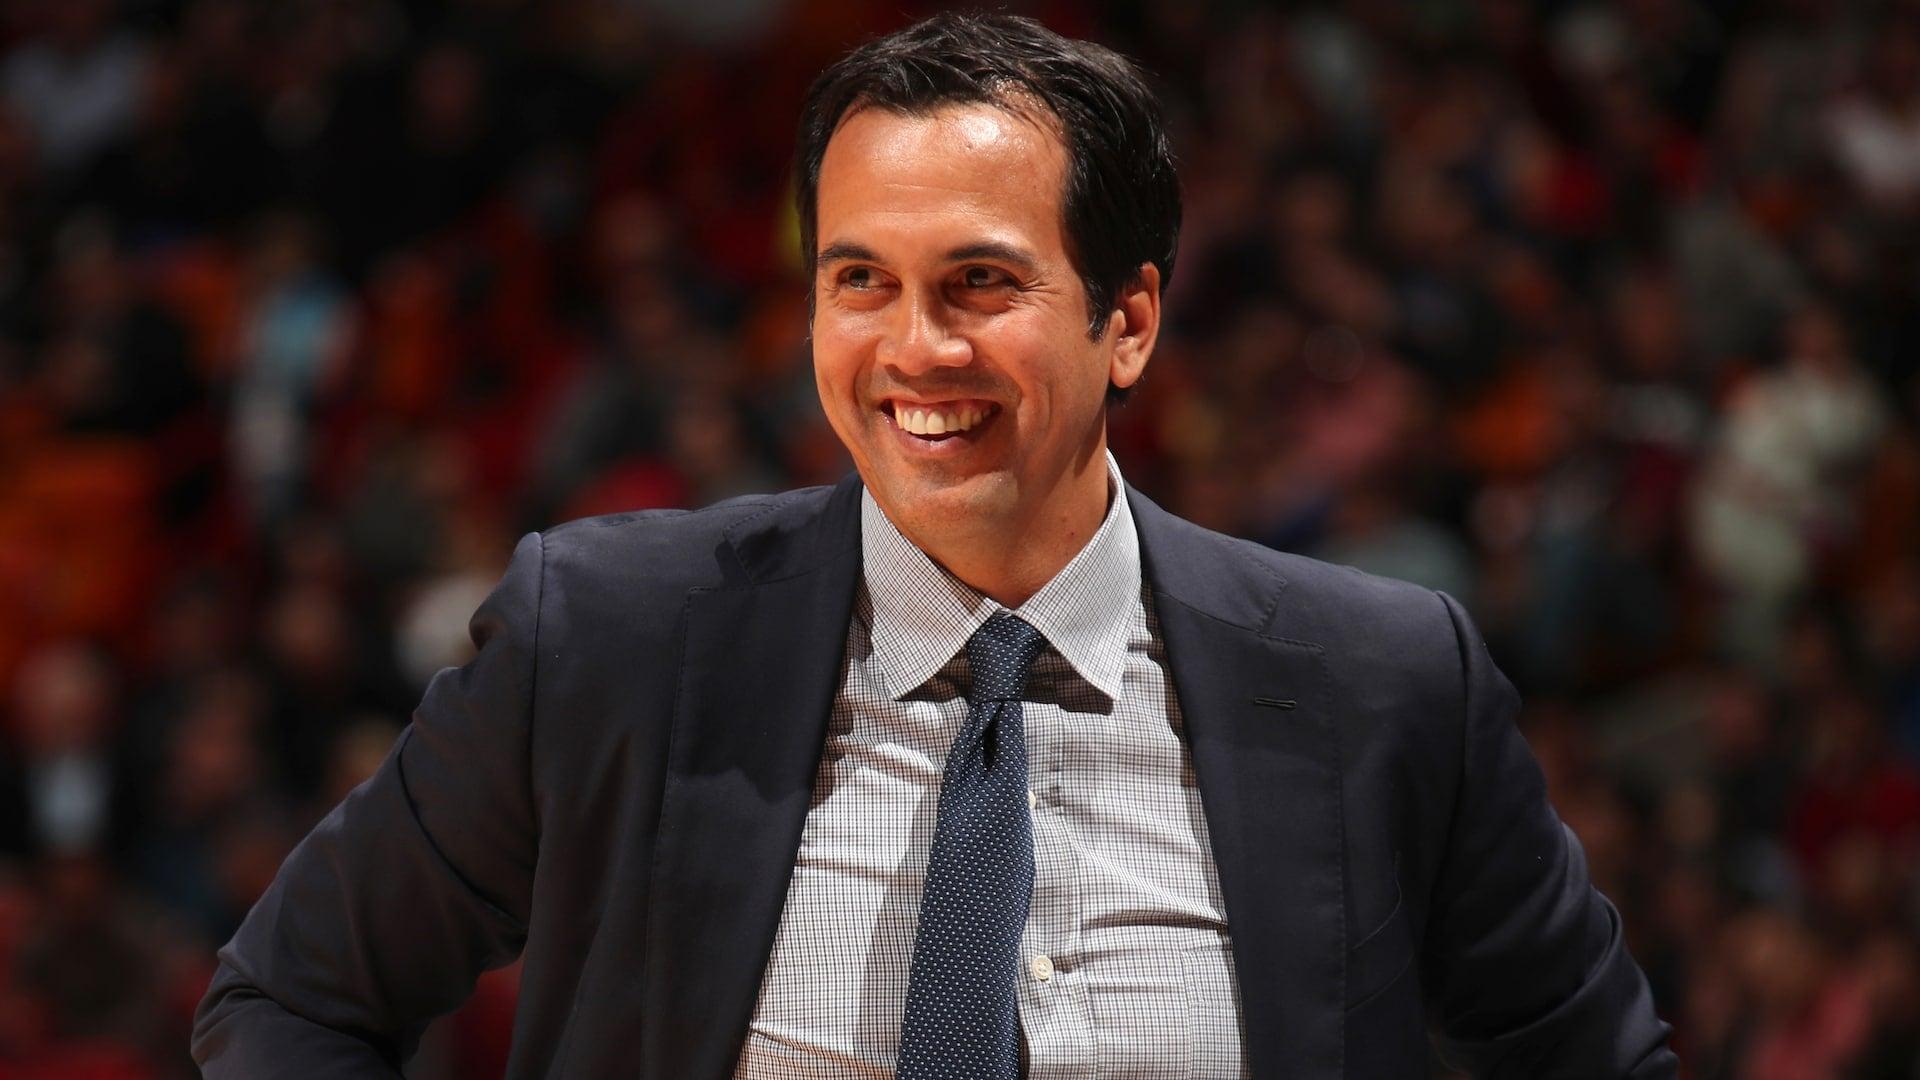 Miami's Erik Spoelstra to help coach USA Basketball select team in Vegas